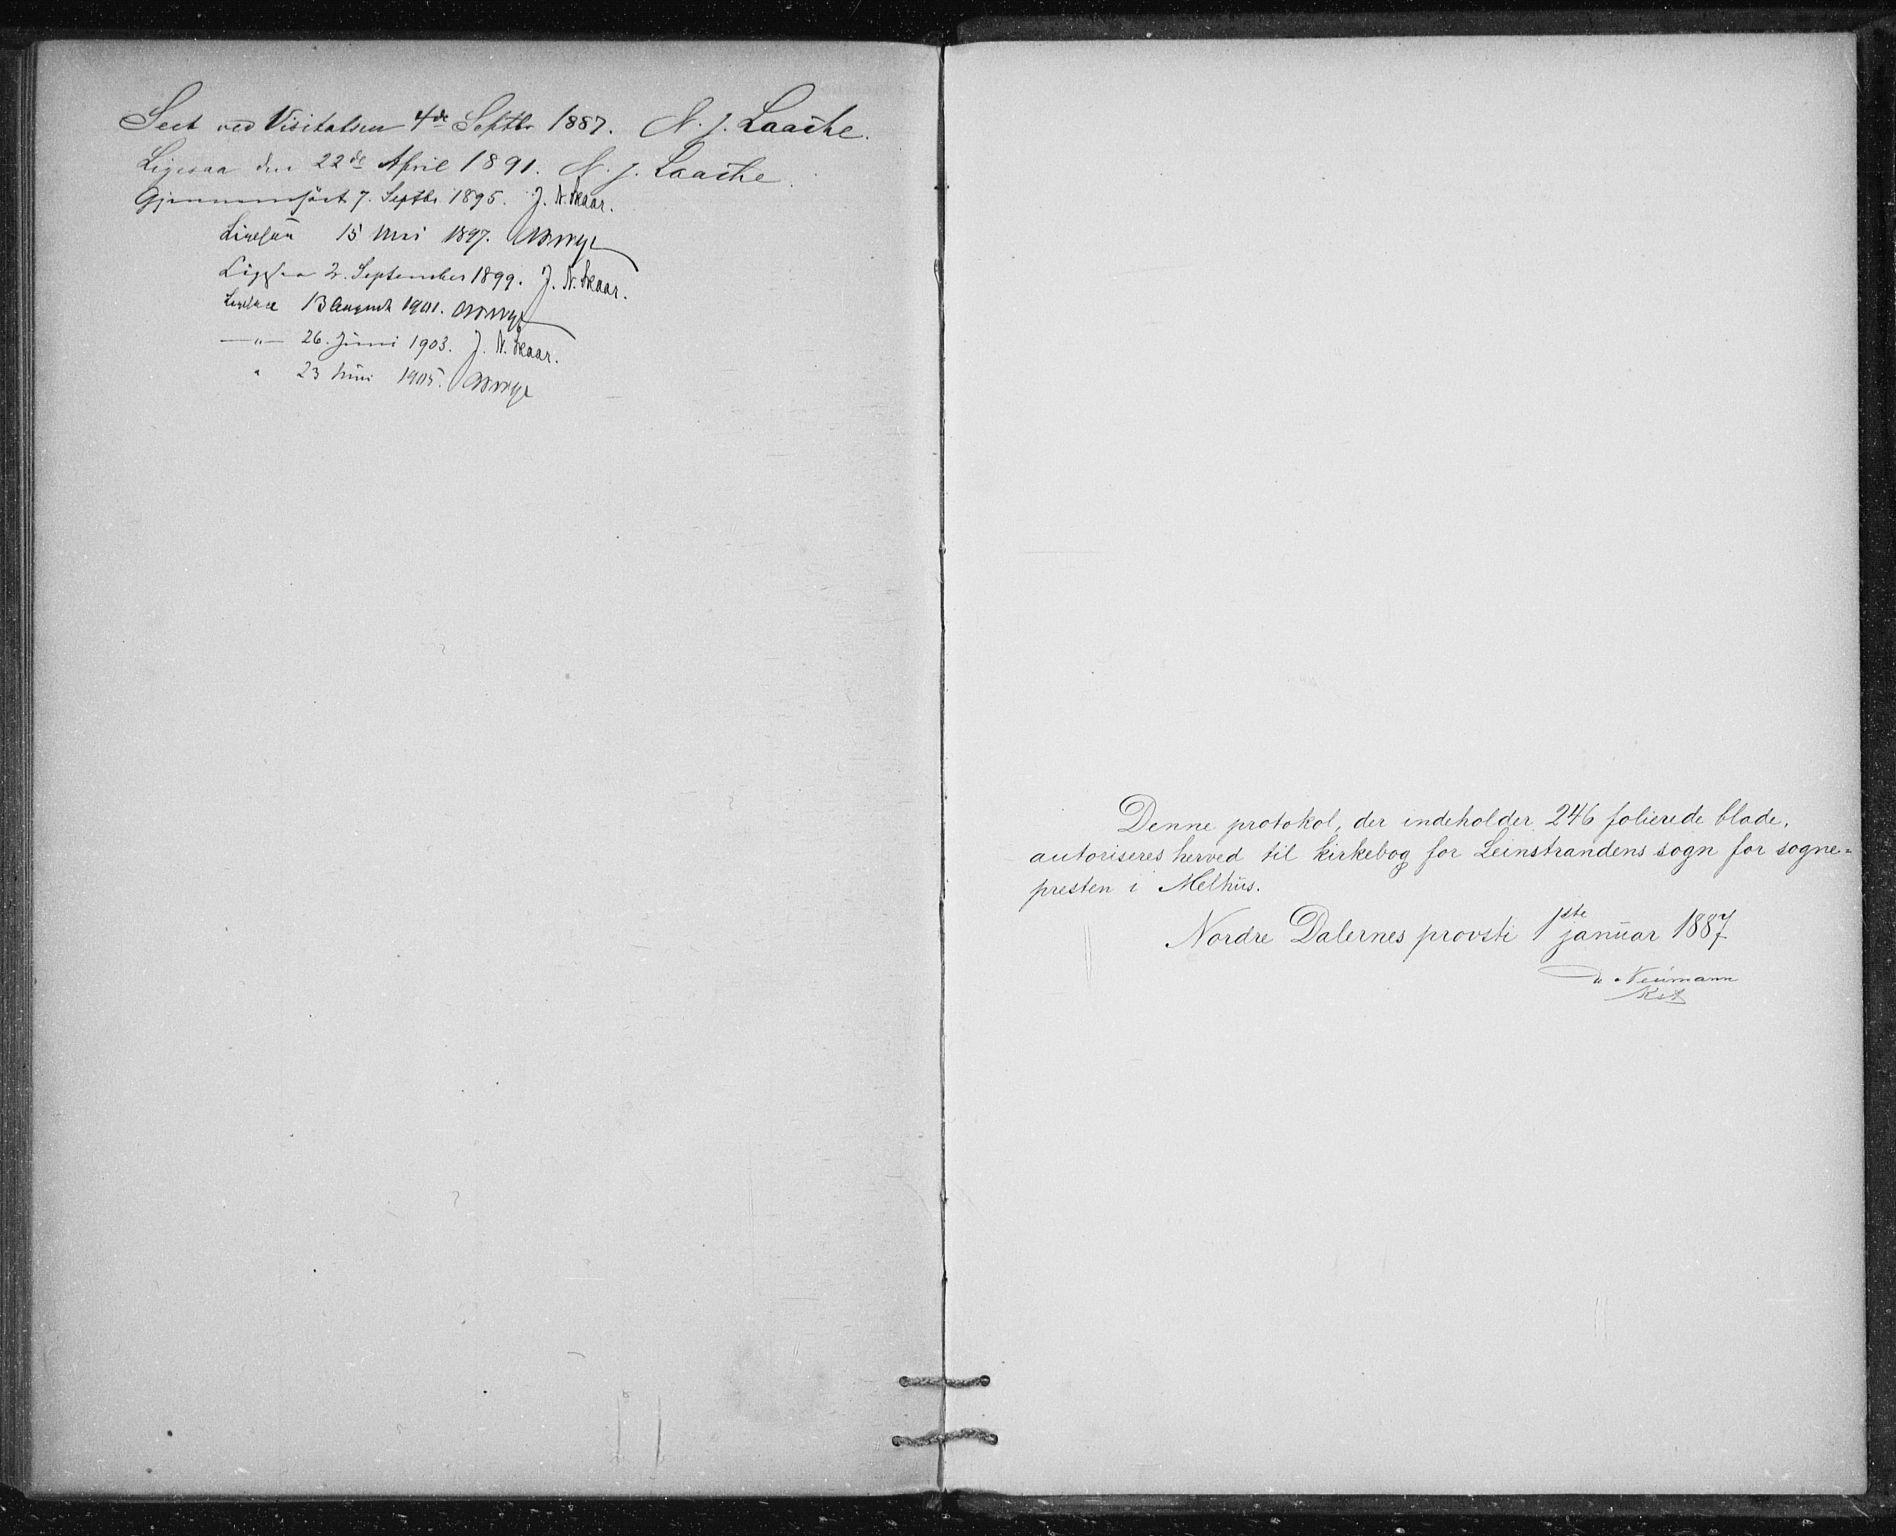 SAT, Ministerialprotokoller, klokkerbøker og fødselsregistre - Sør-Trøndelag, 613/L0392: Ministerialbok nr. 613A01, 1887-1906